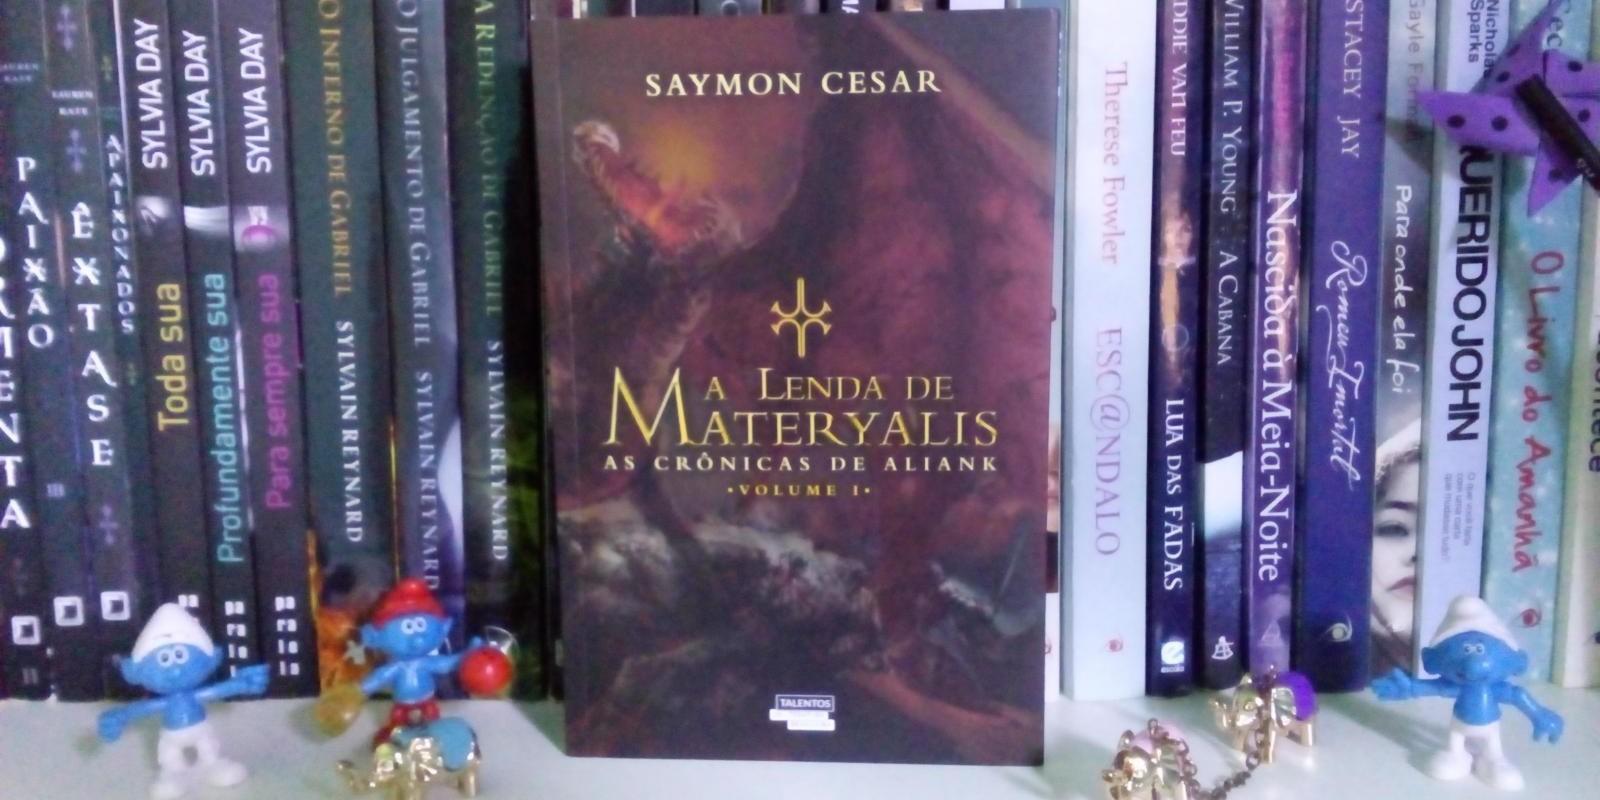 [A Lenda de Materyalis - As crônicas de Aliank  (Volume 1)]